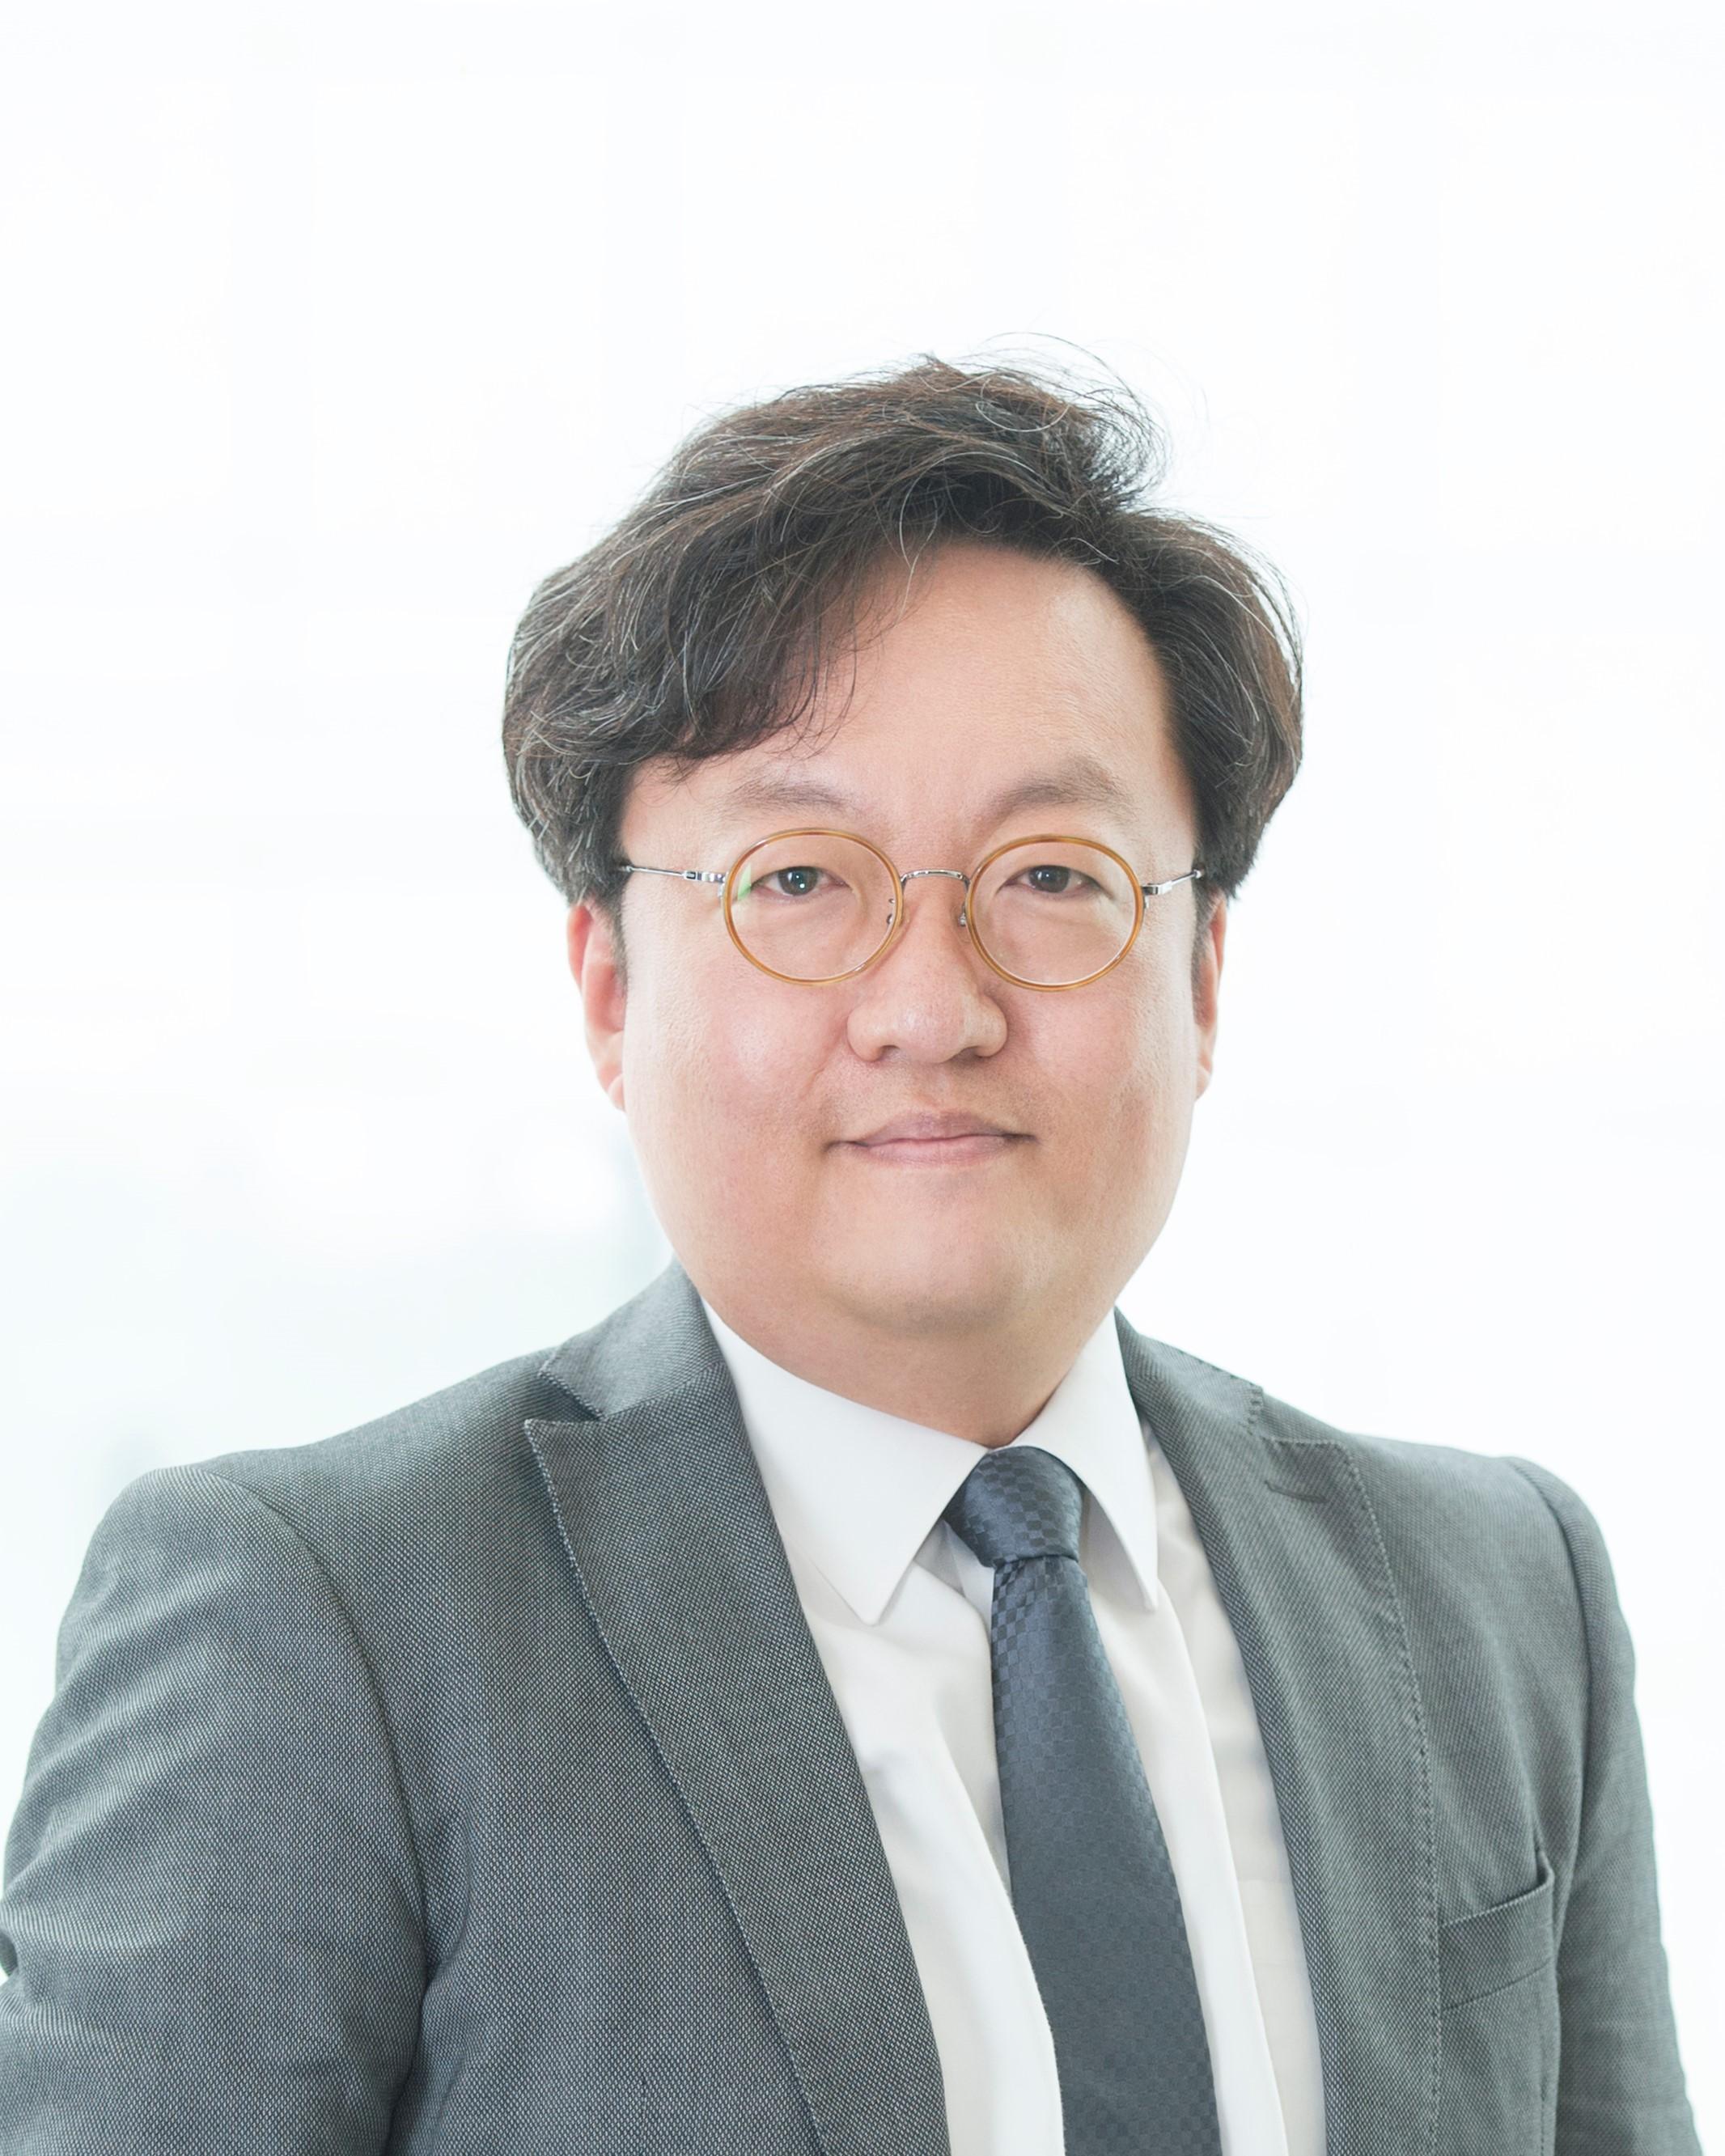 신경식(申璟植) 교수님 사진